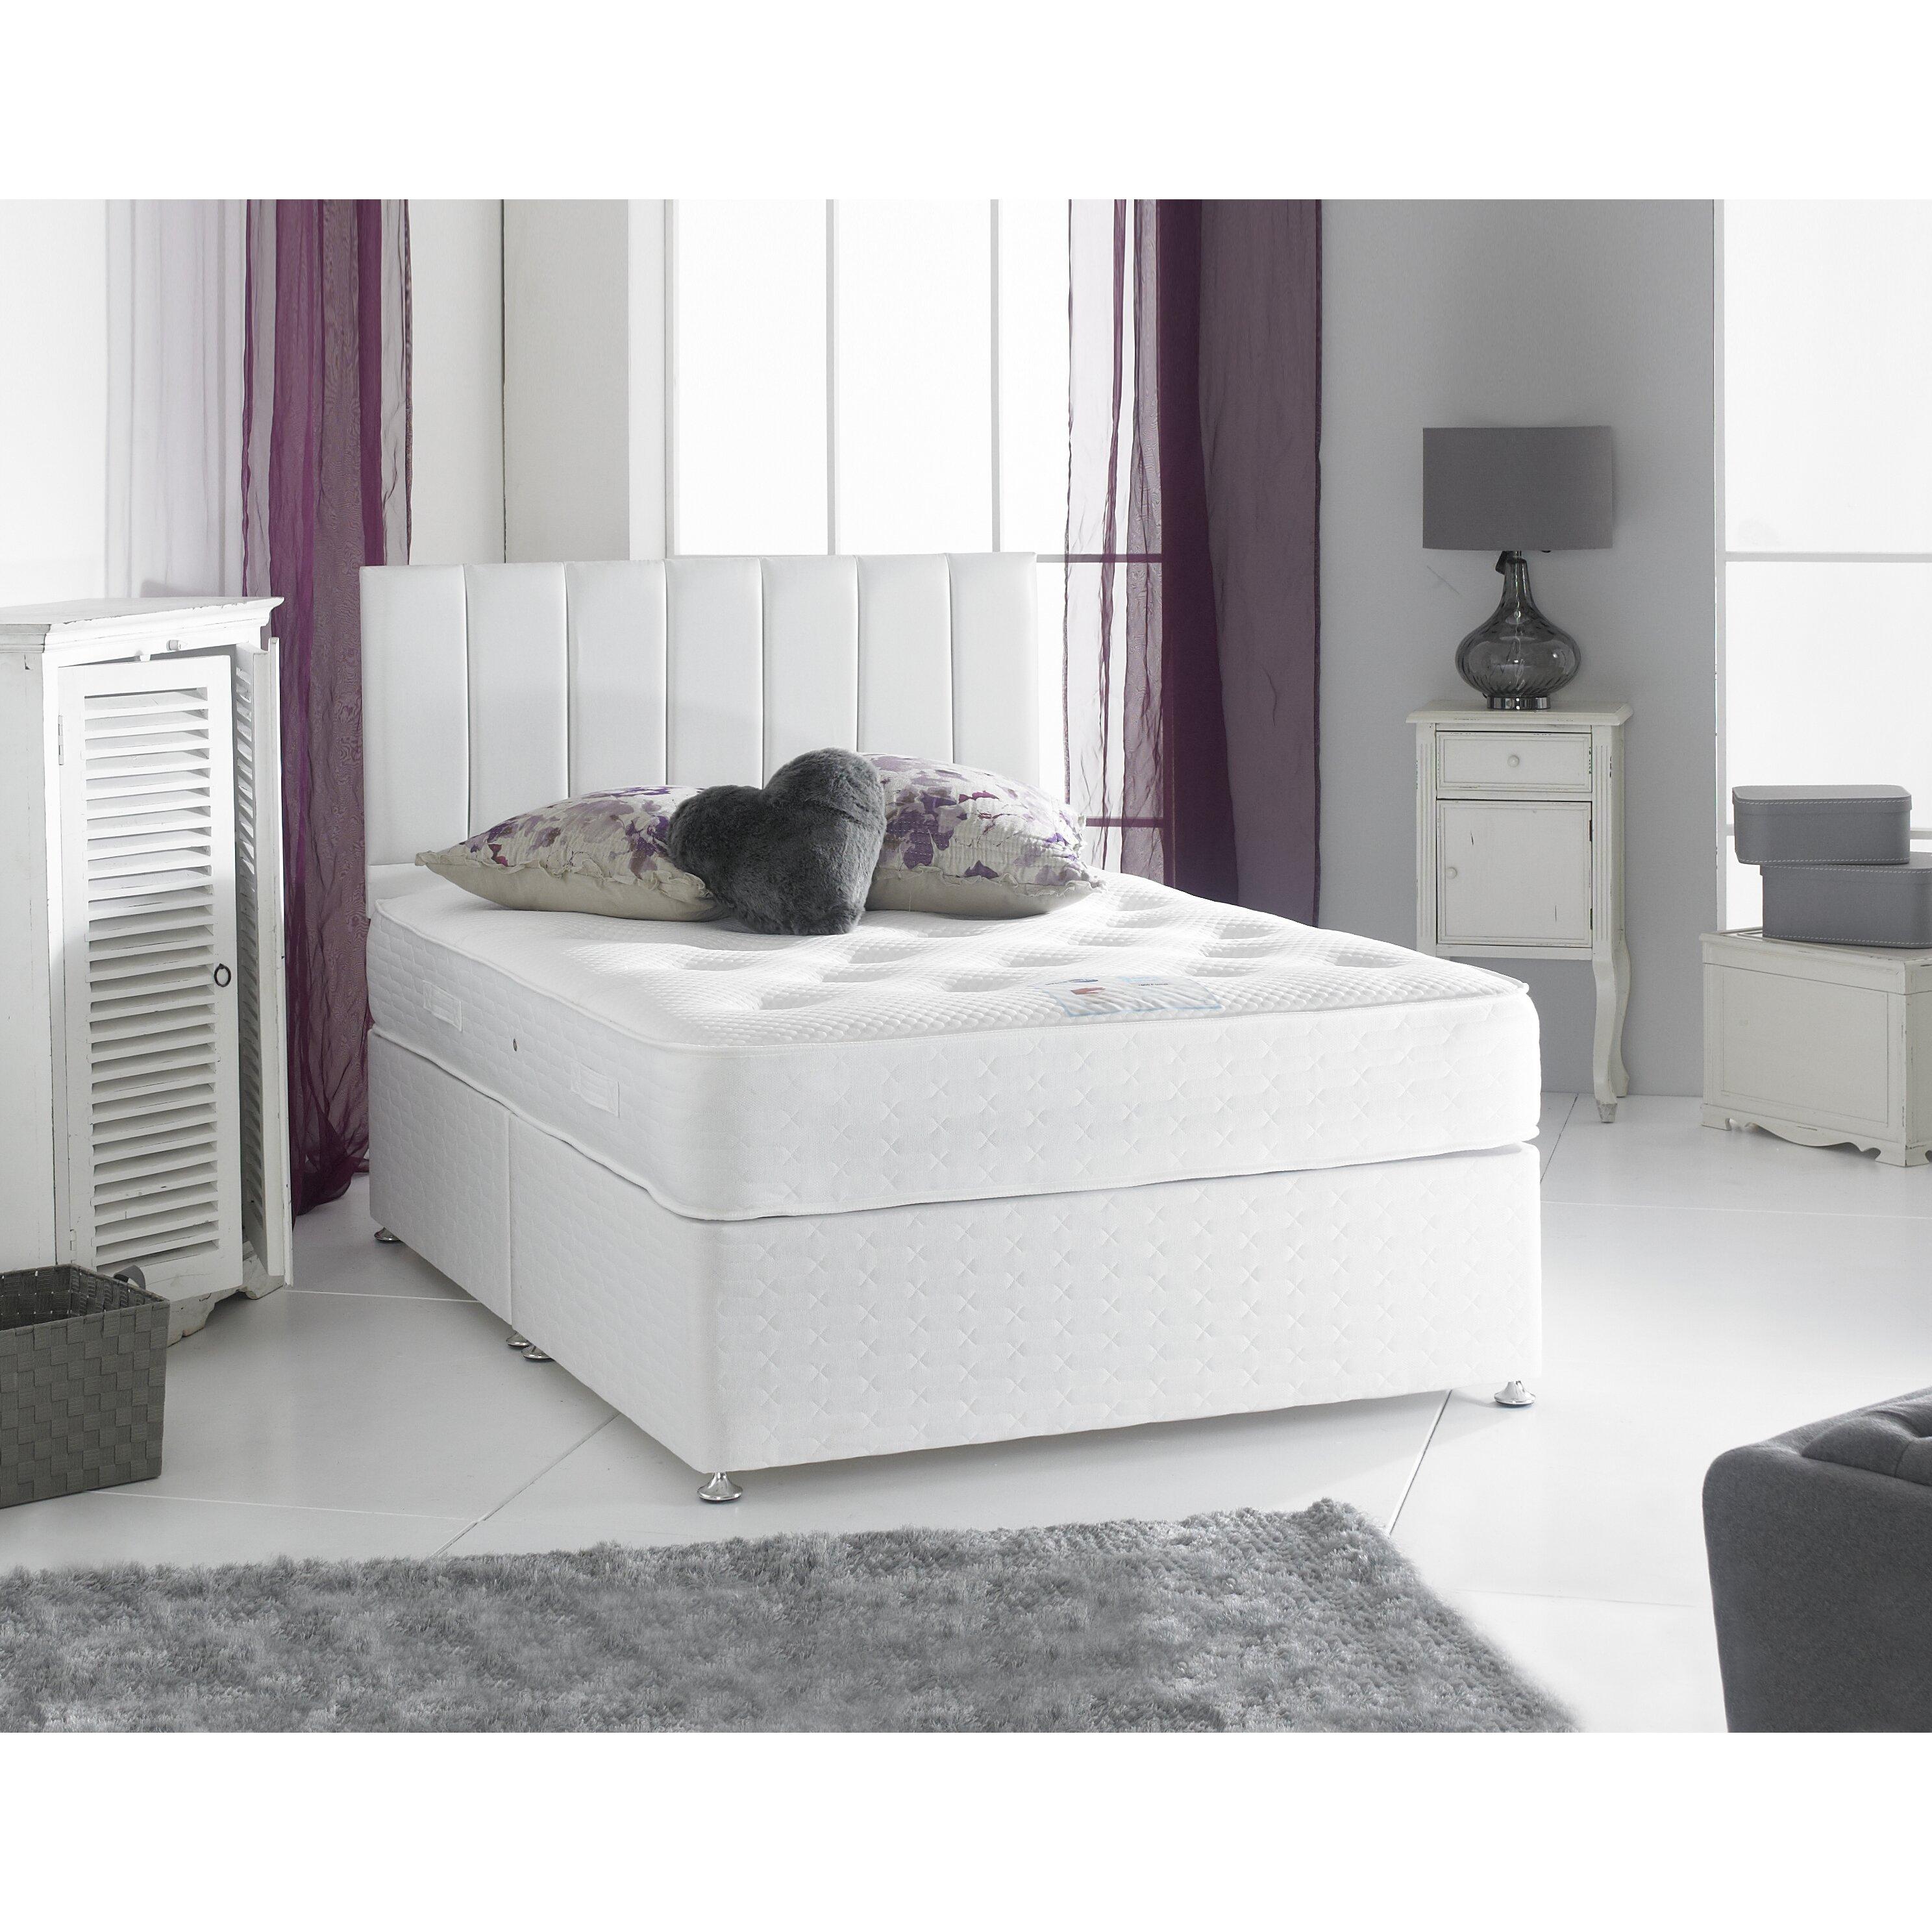 home loft concept tudela pocket sprung 1000 mattress. Black Bedroom Furniture Sets. Home Design Ideas